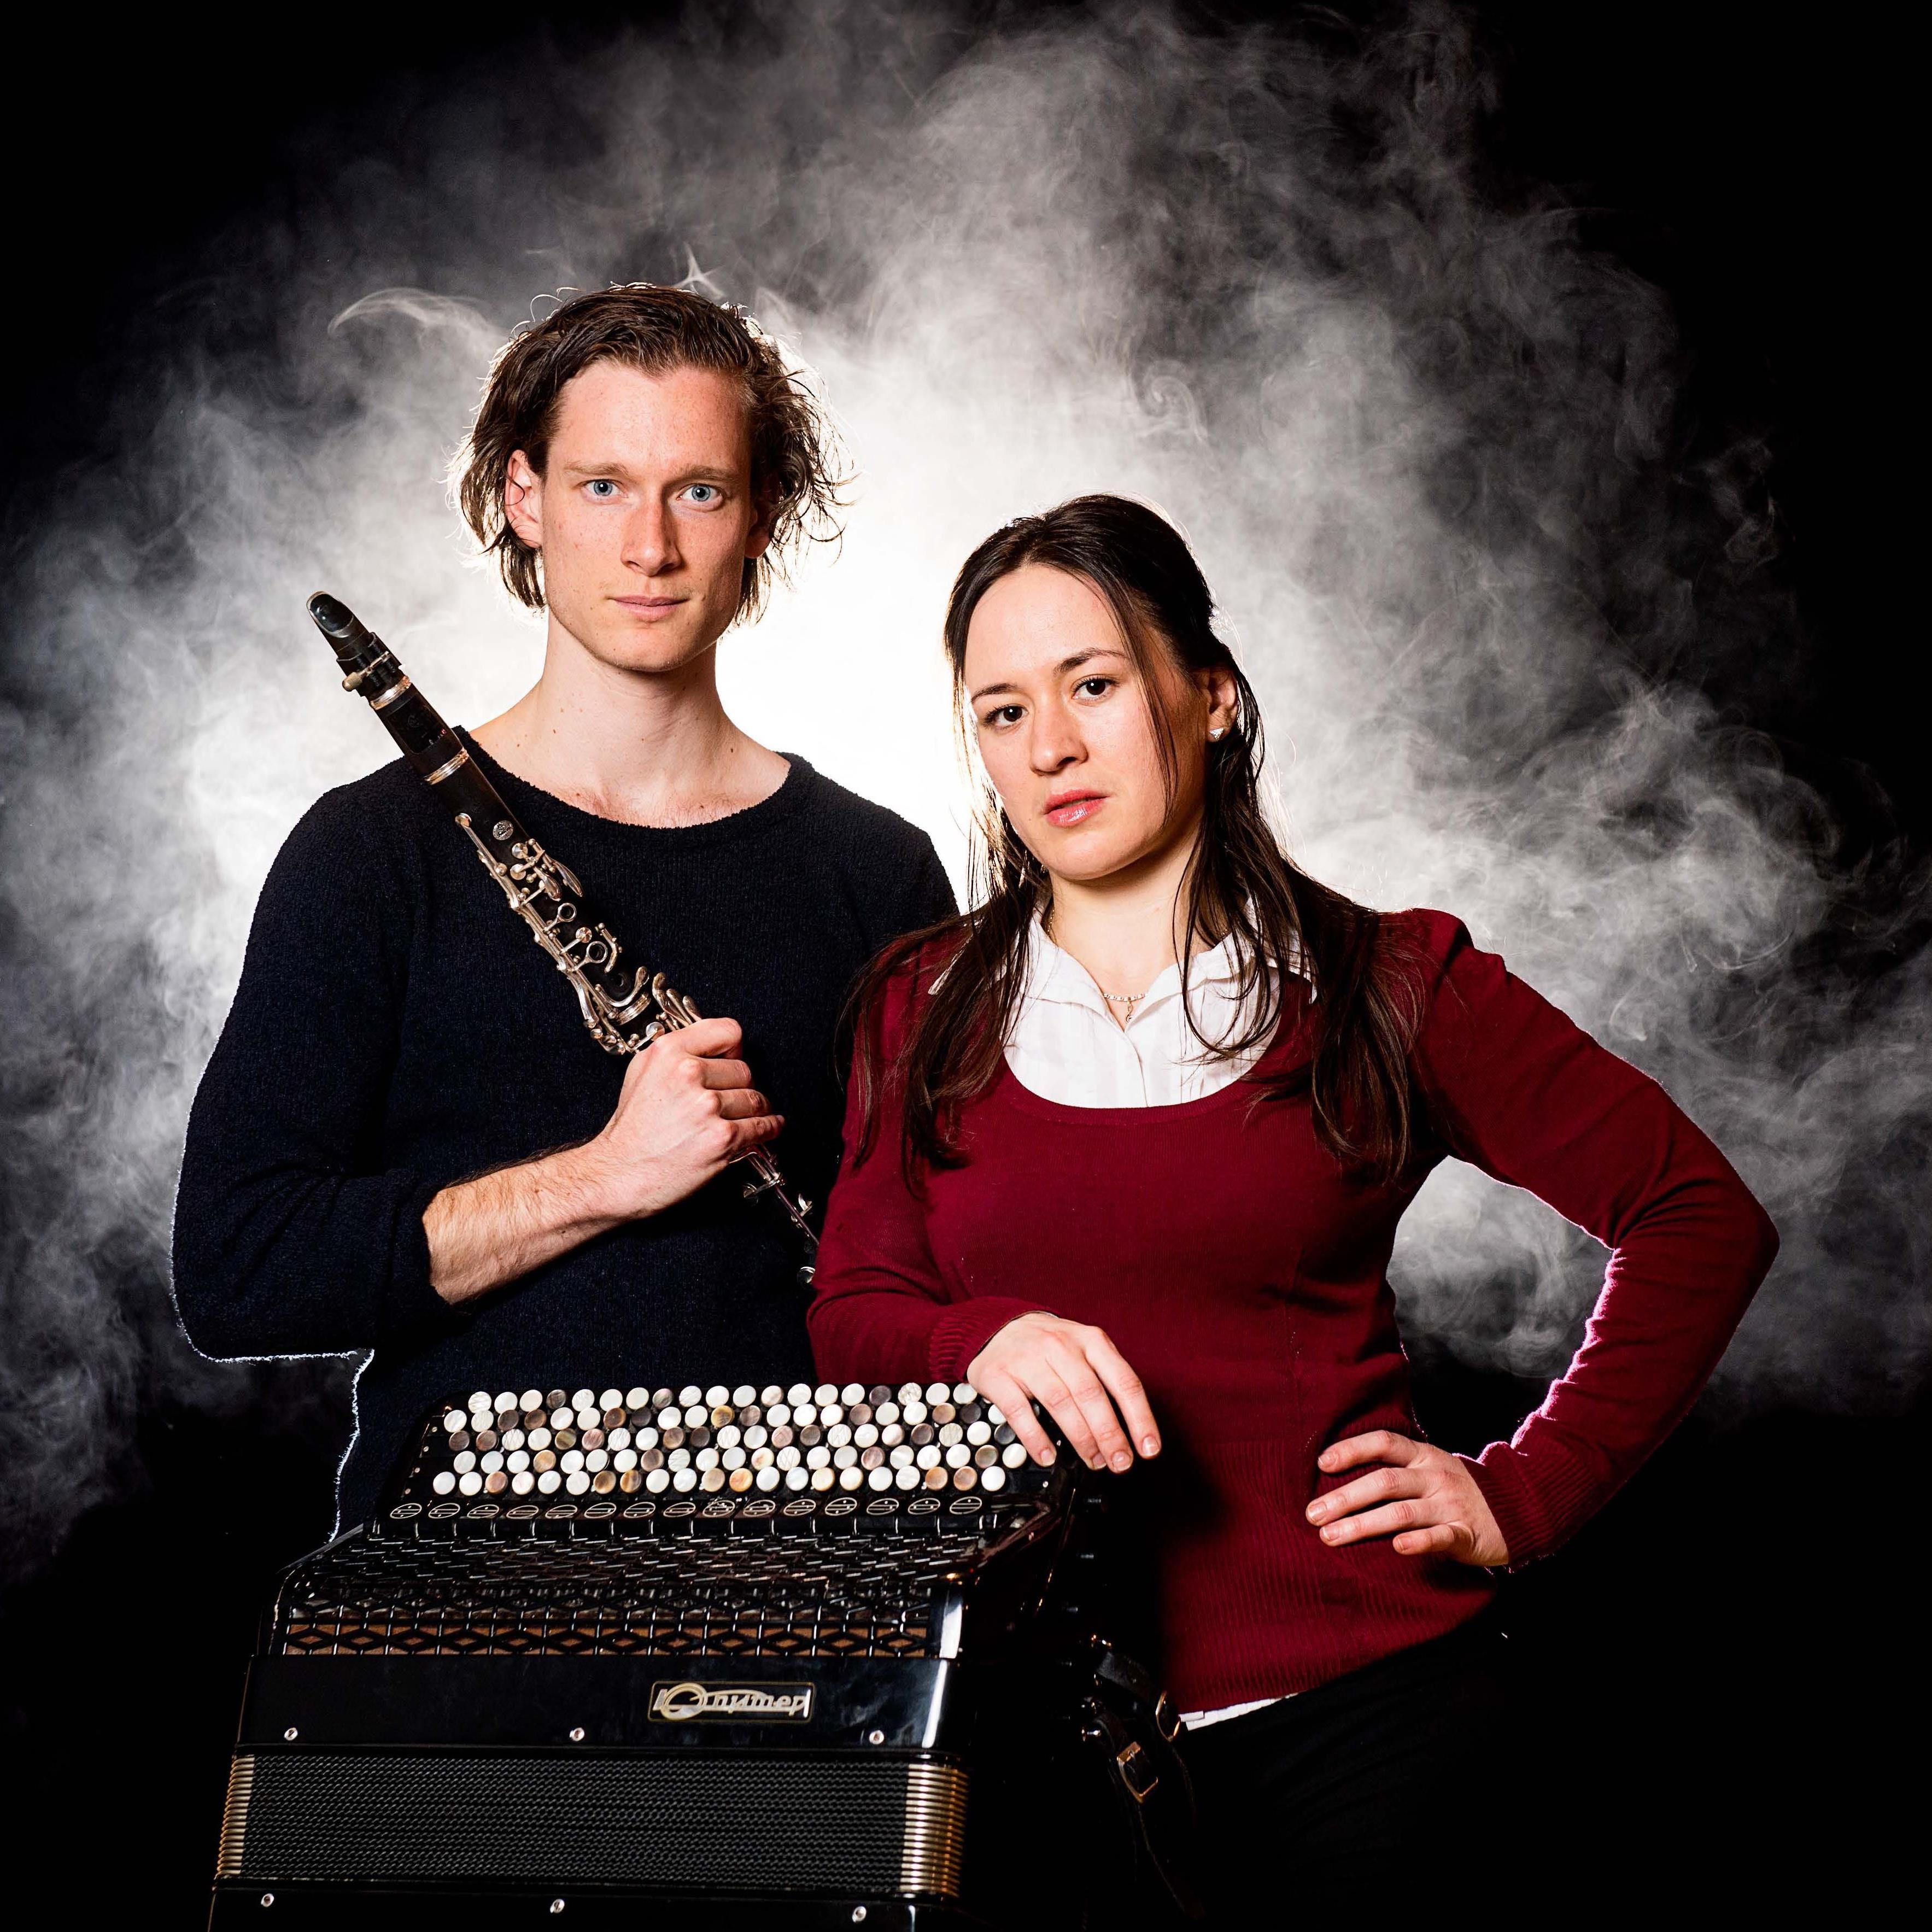 Duo Magnus & Irina